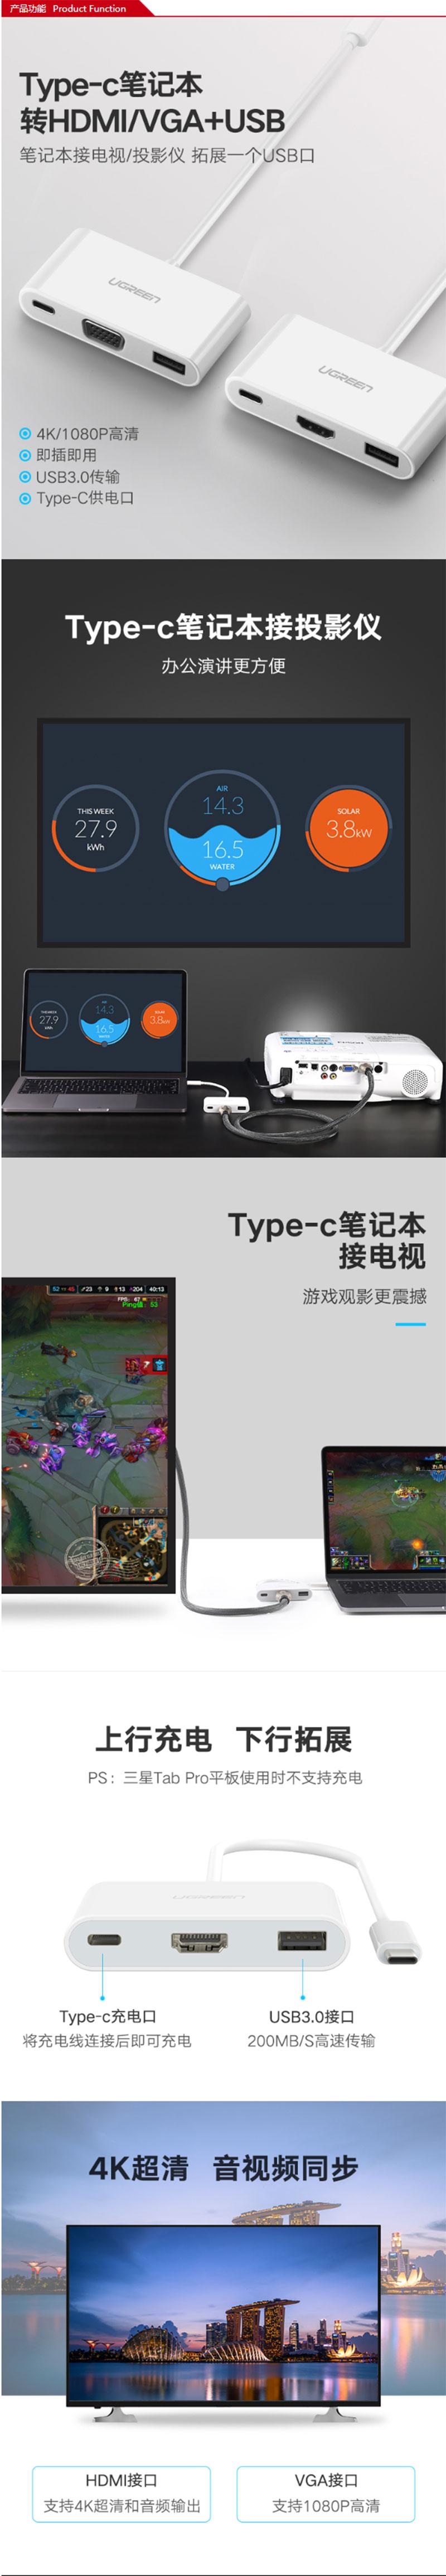 绿联30377 TYPE-C转HDMI+HUB